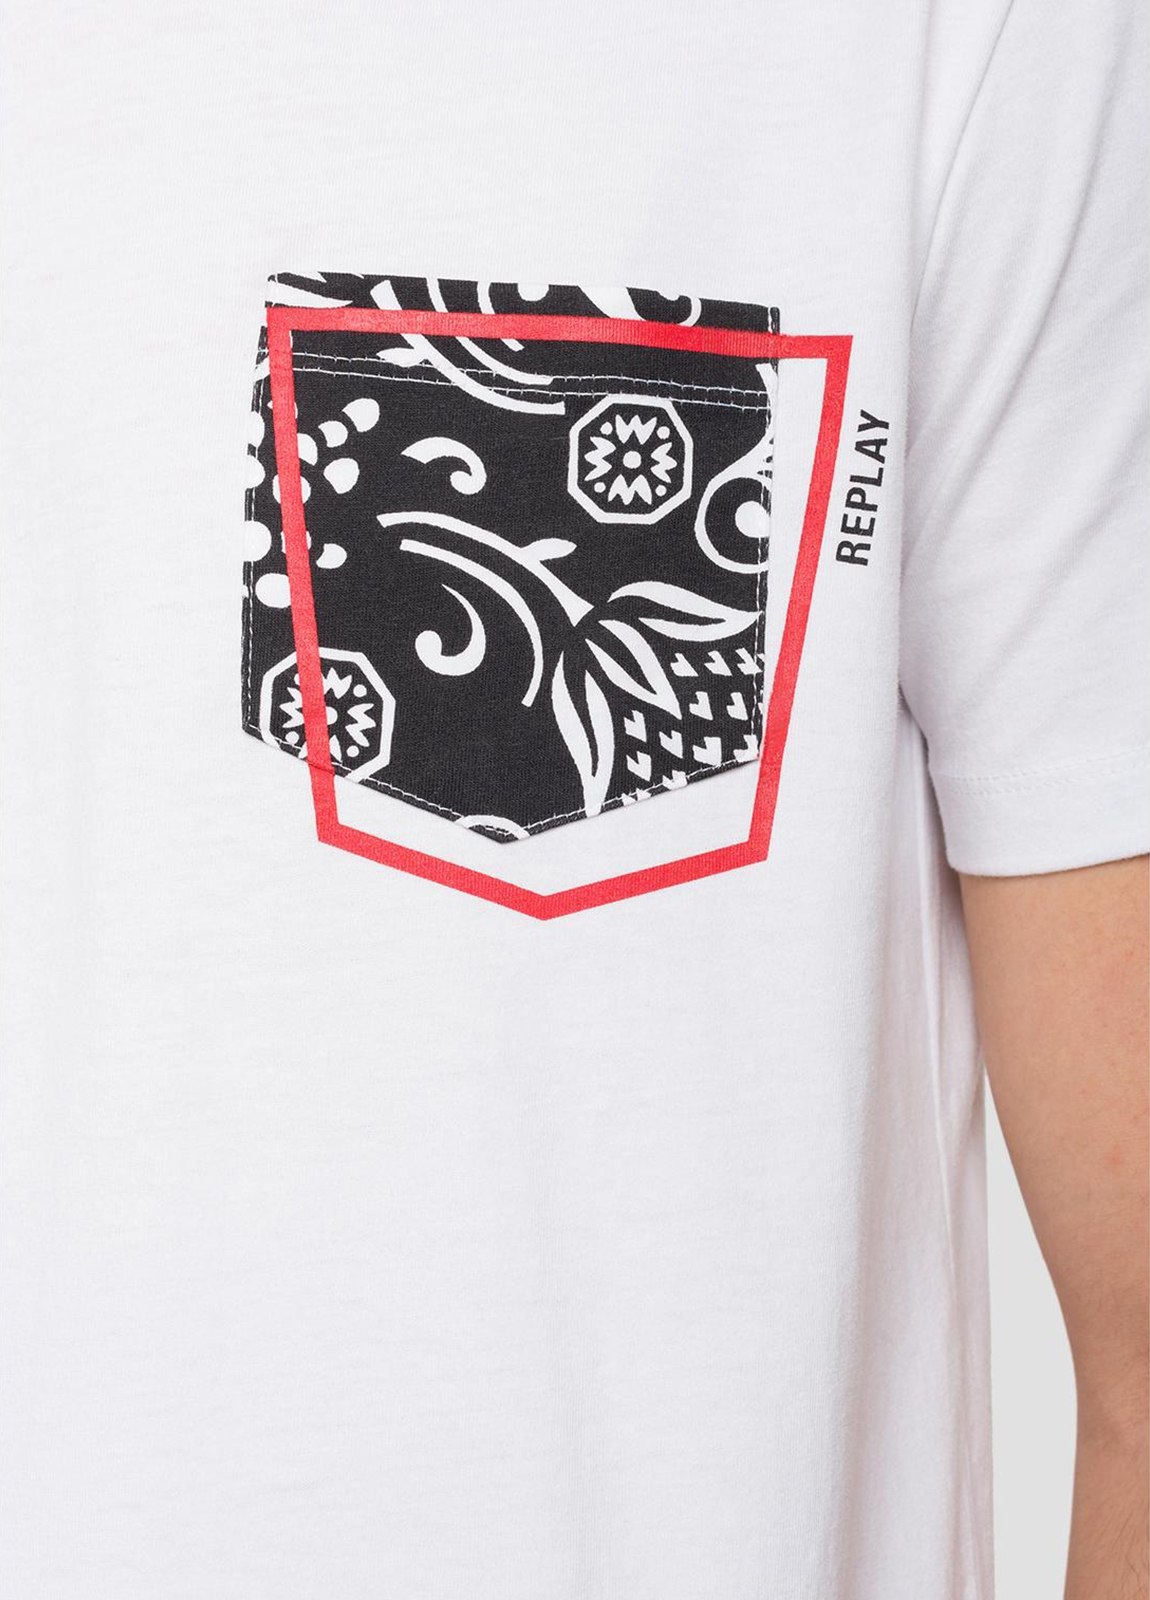 Camiseta manga corta color blanco con estampado en pecho.100% Algodón. - Ítem3